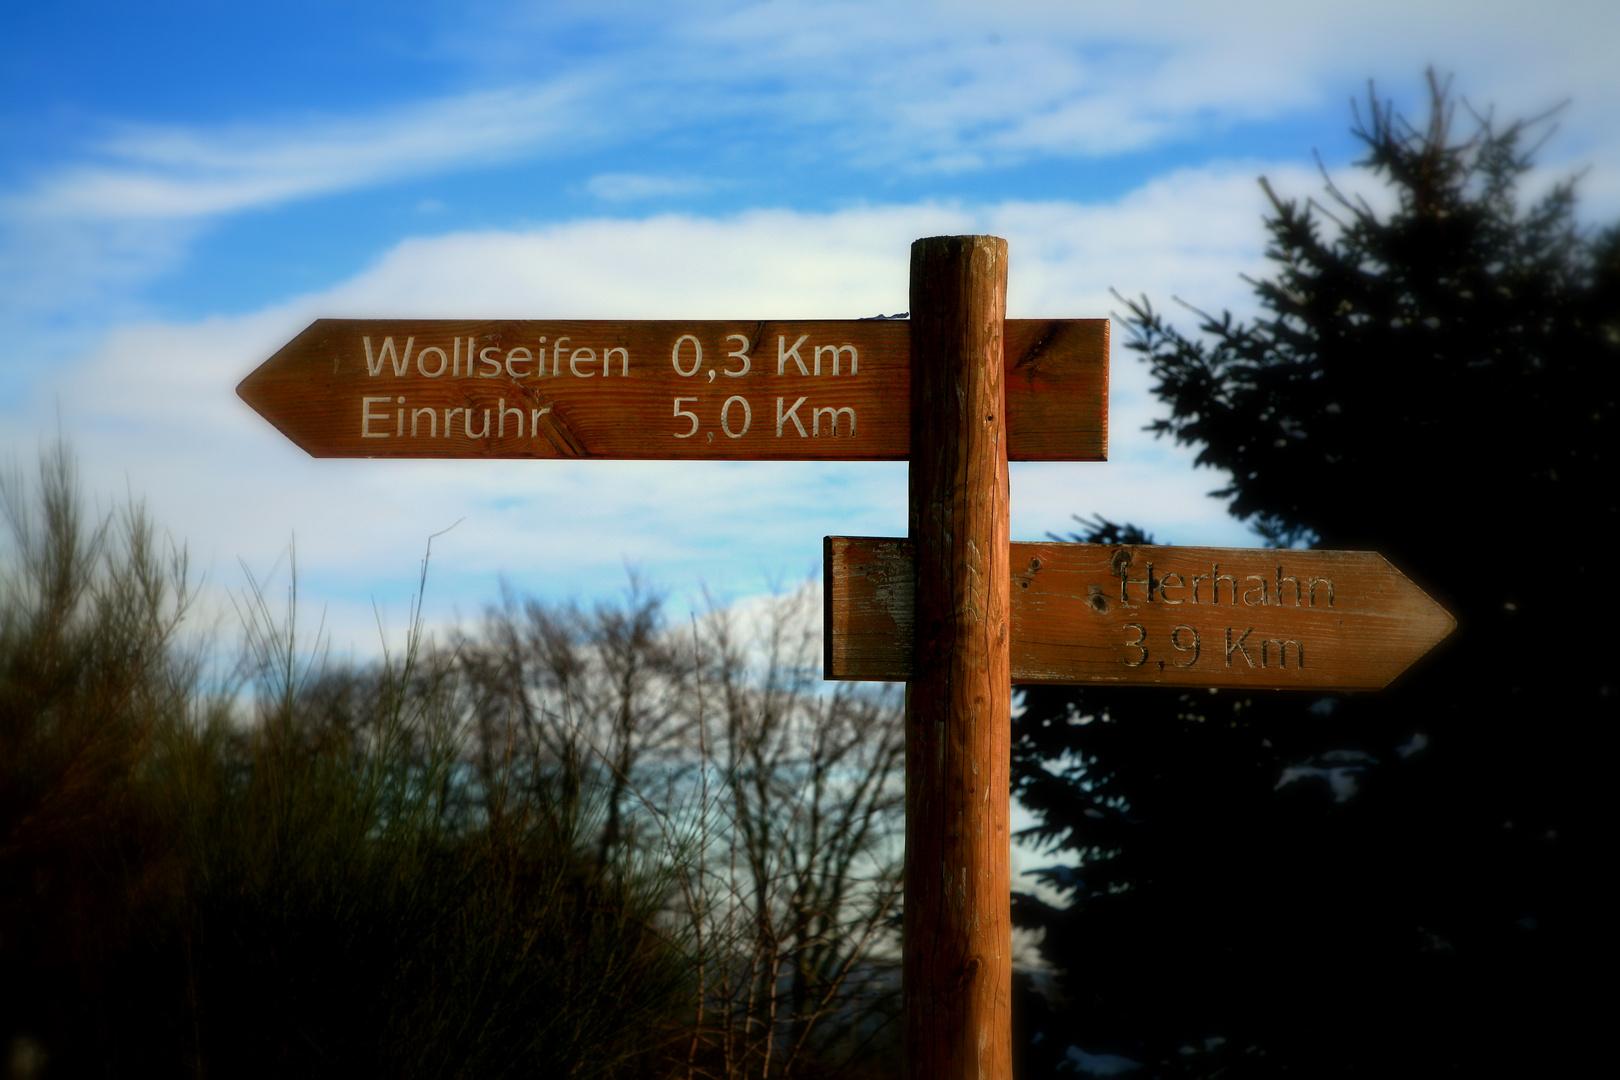 Wollseifen